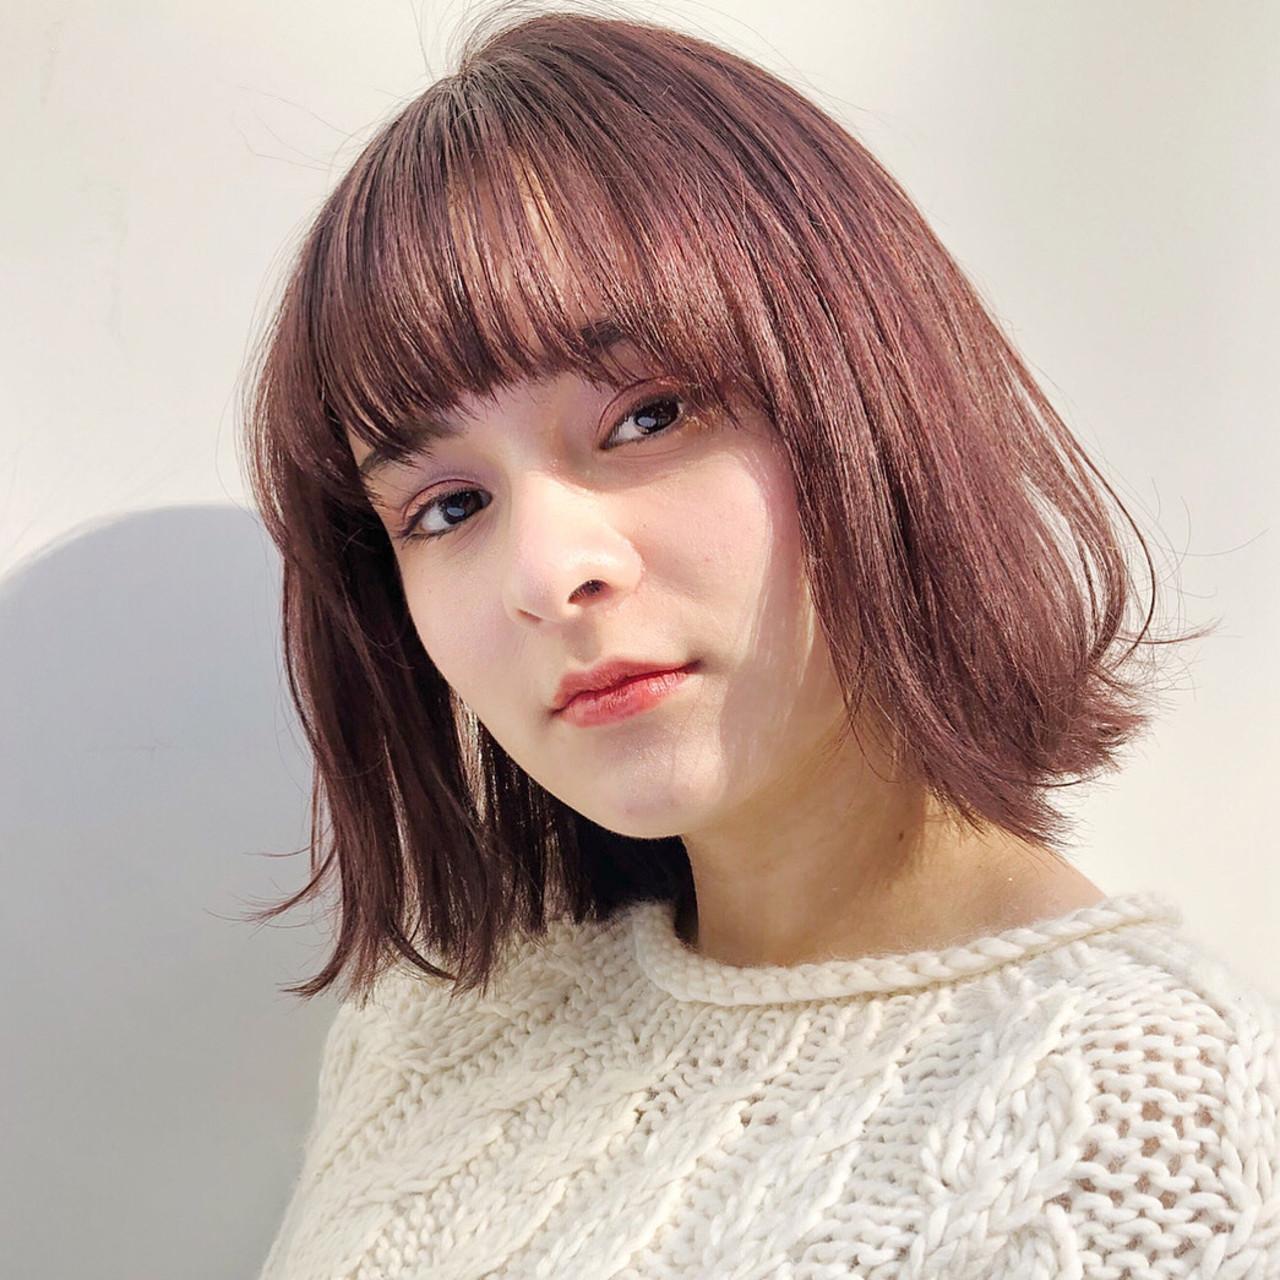 透明感カラー デート ナチュラル ボブ ヘアスタイルや髪型の写真・画像 | eri / kikkake@depth